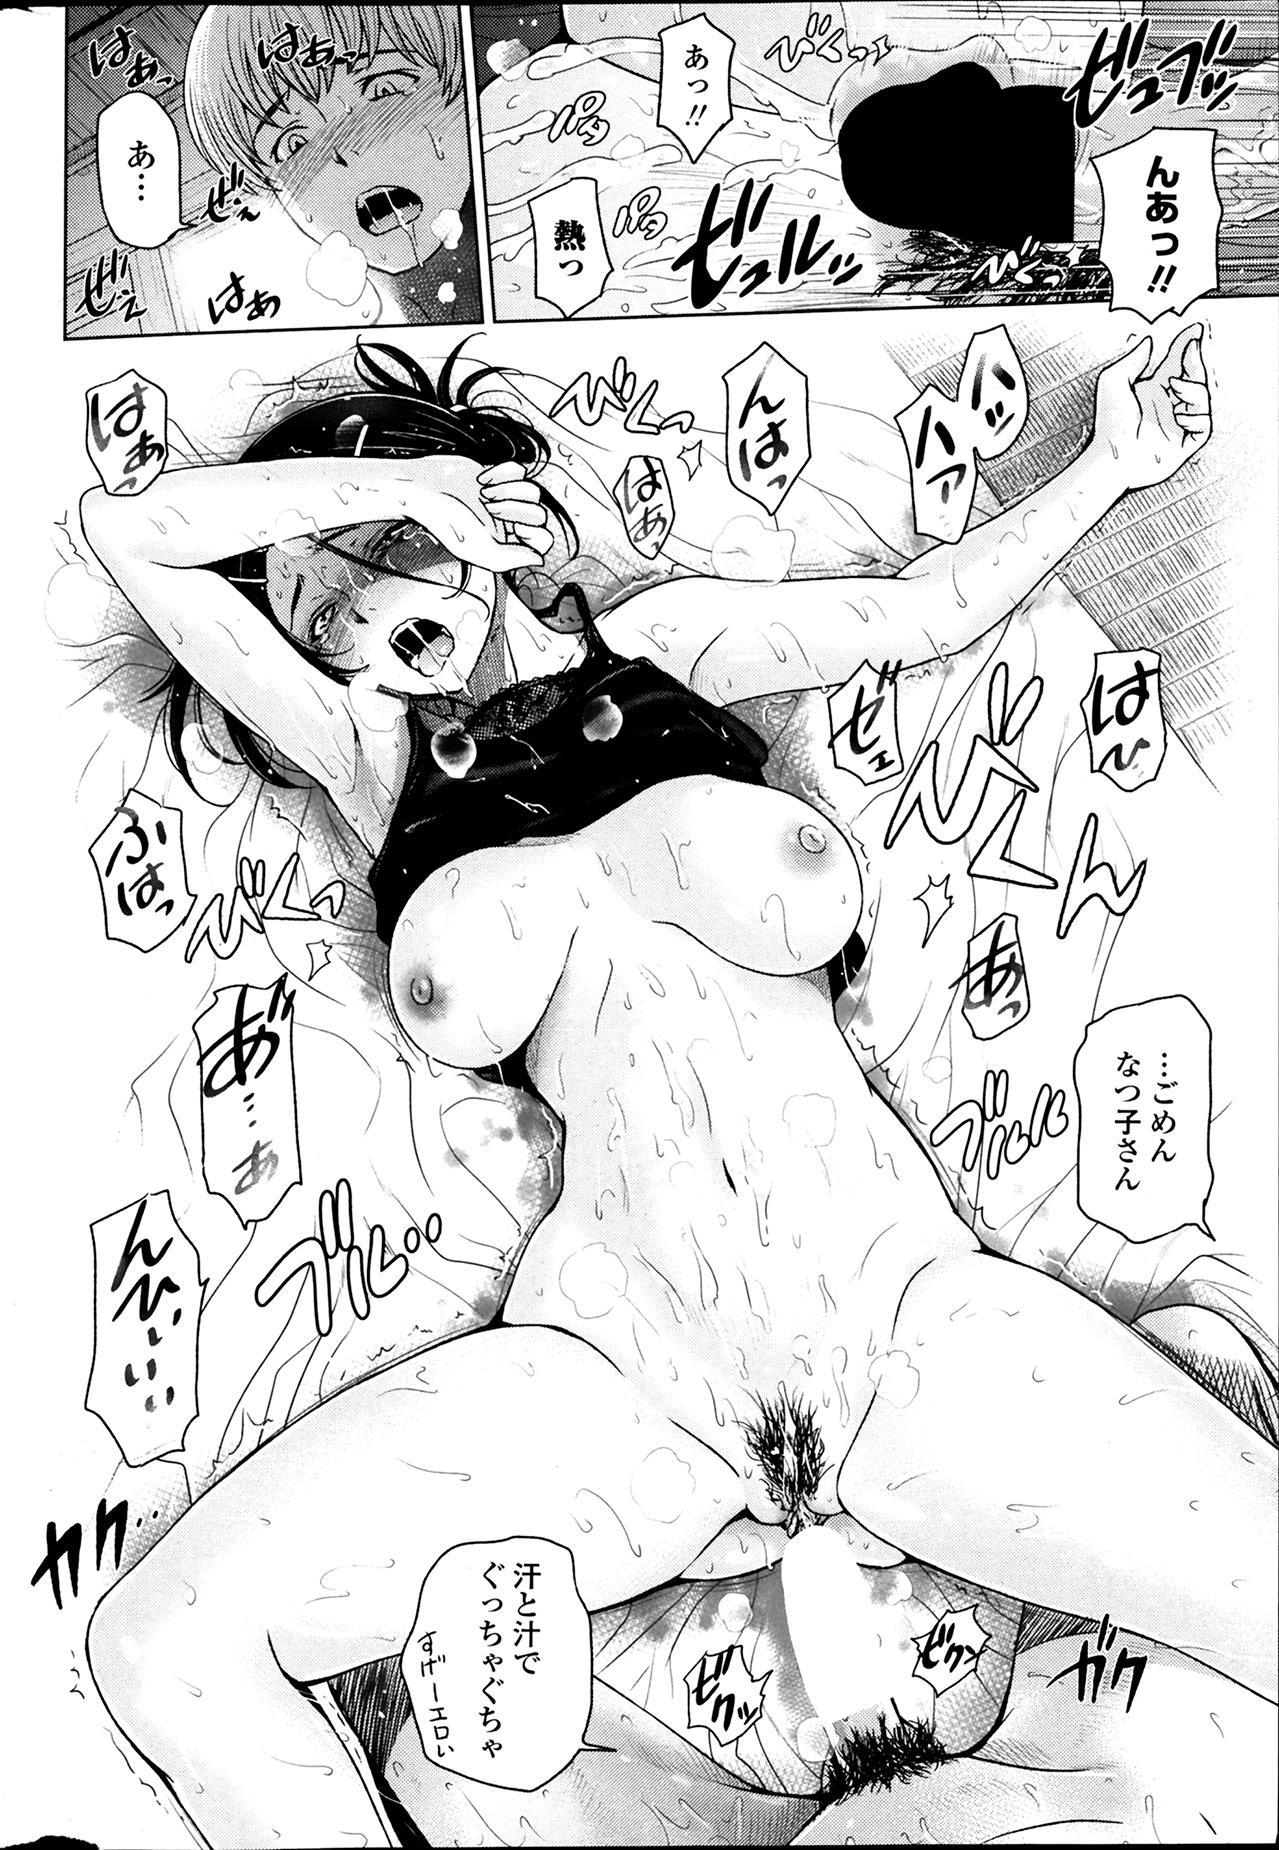 Natsu jiru + extra 17